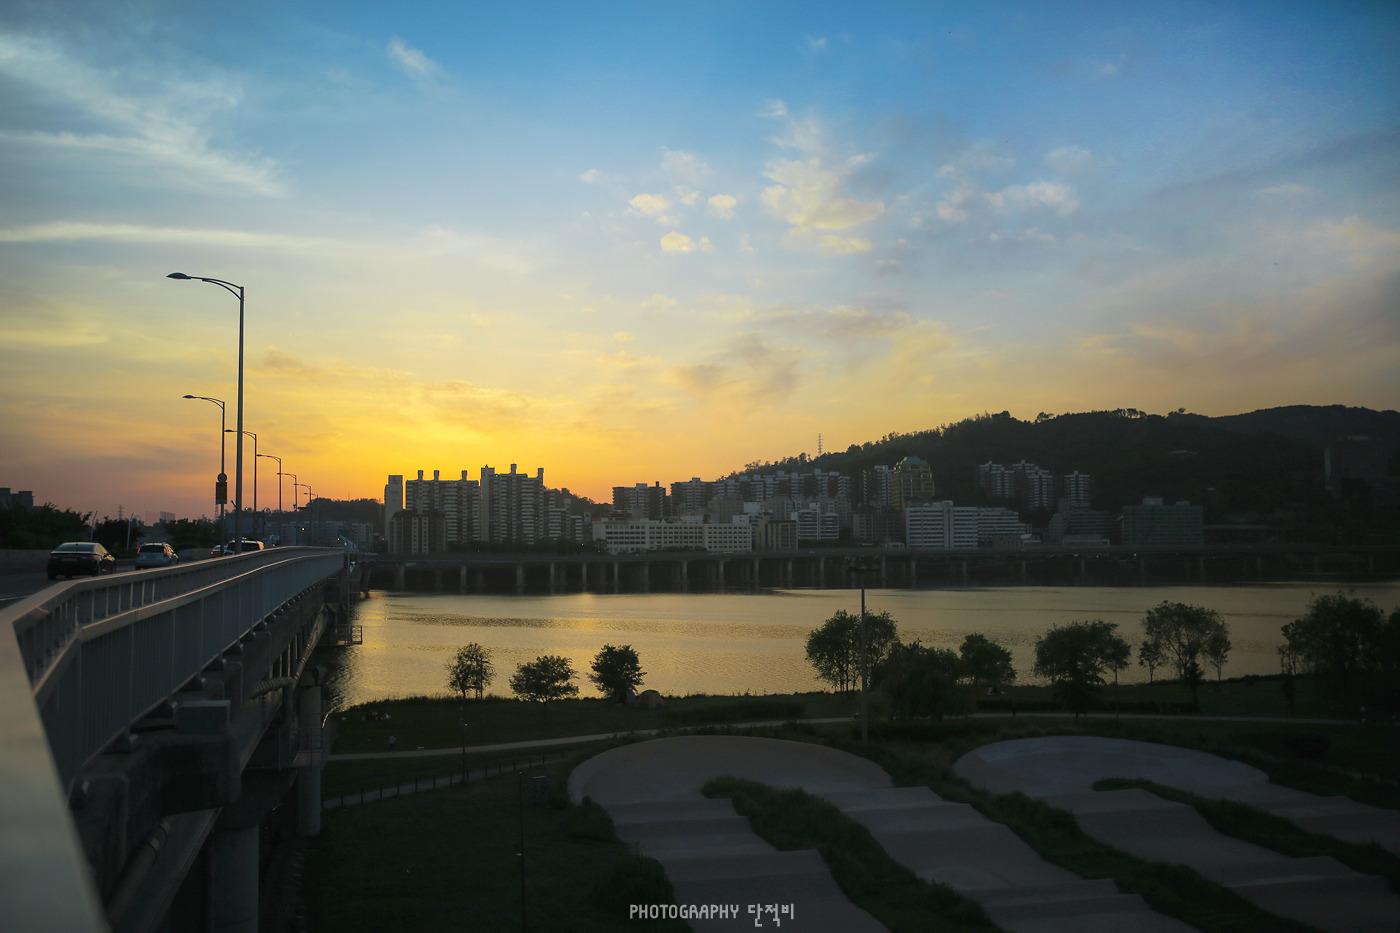 사무식 35mm 1.4 매직아워 광진교에서 본 한강